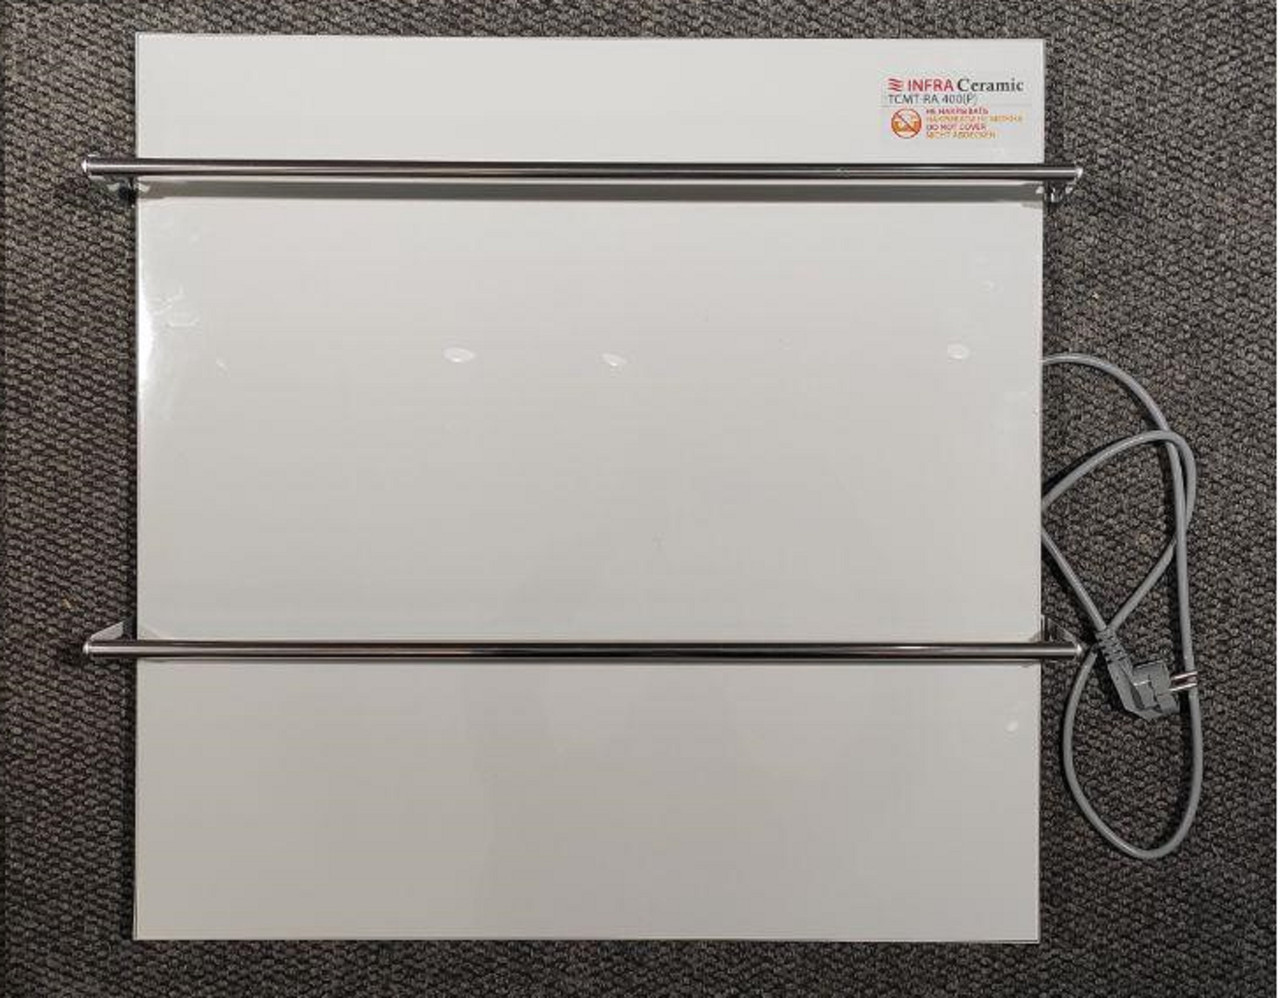 Керамічна рушникосушка TEPLOCERAMIC ТСМТ-RA 400 біла, (керамічна сушка для рушників)